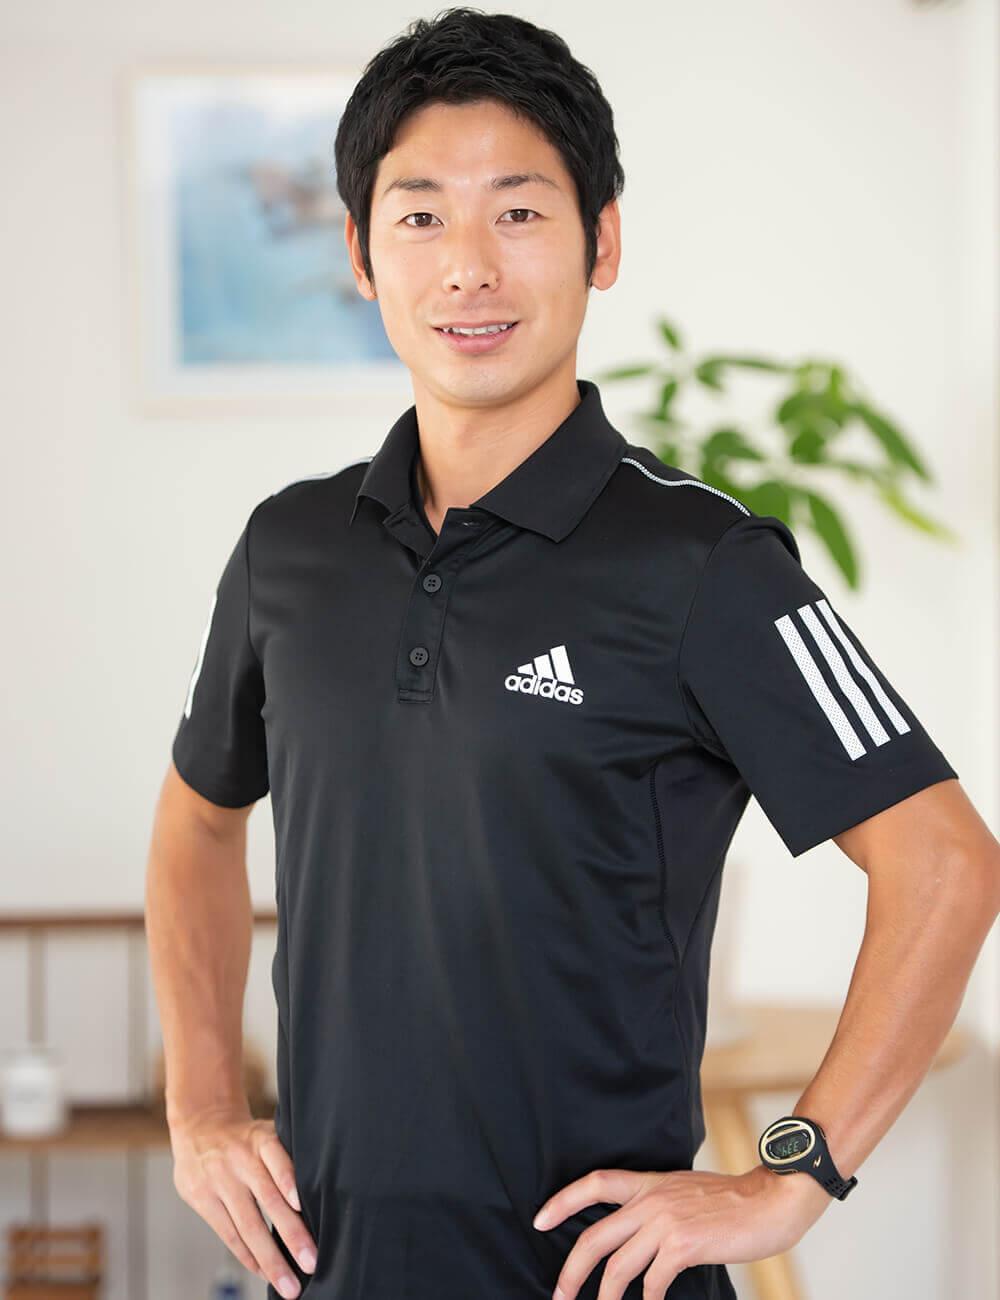 上野のパーソナルジムトレーナー